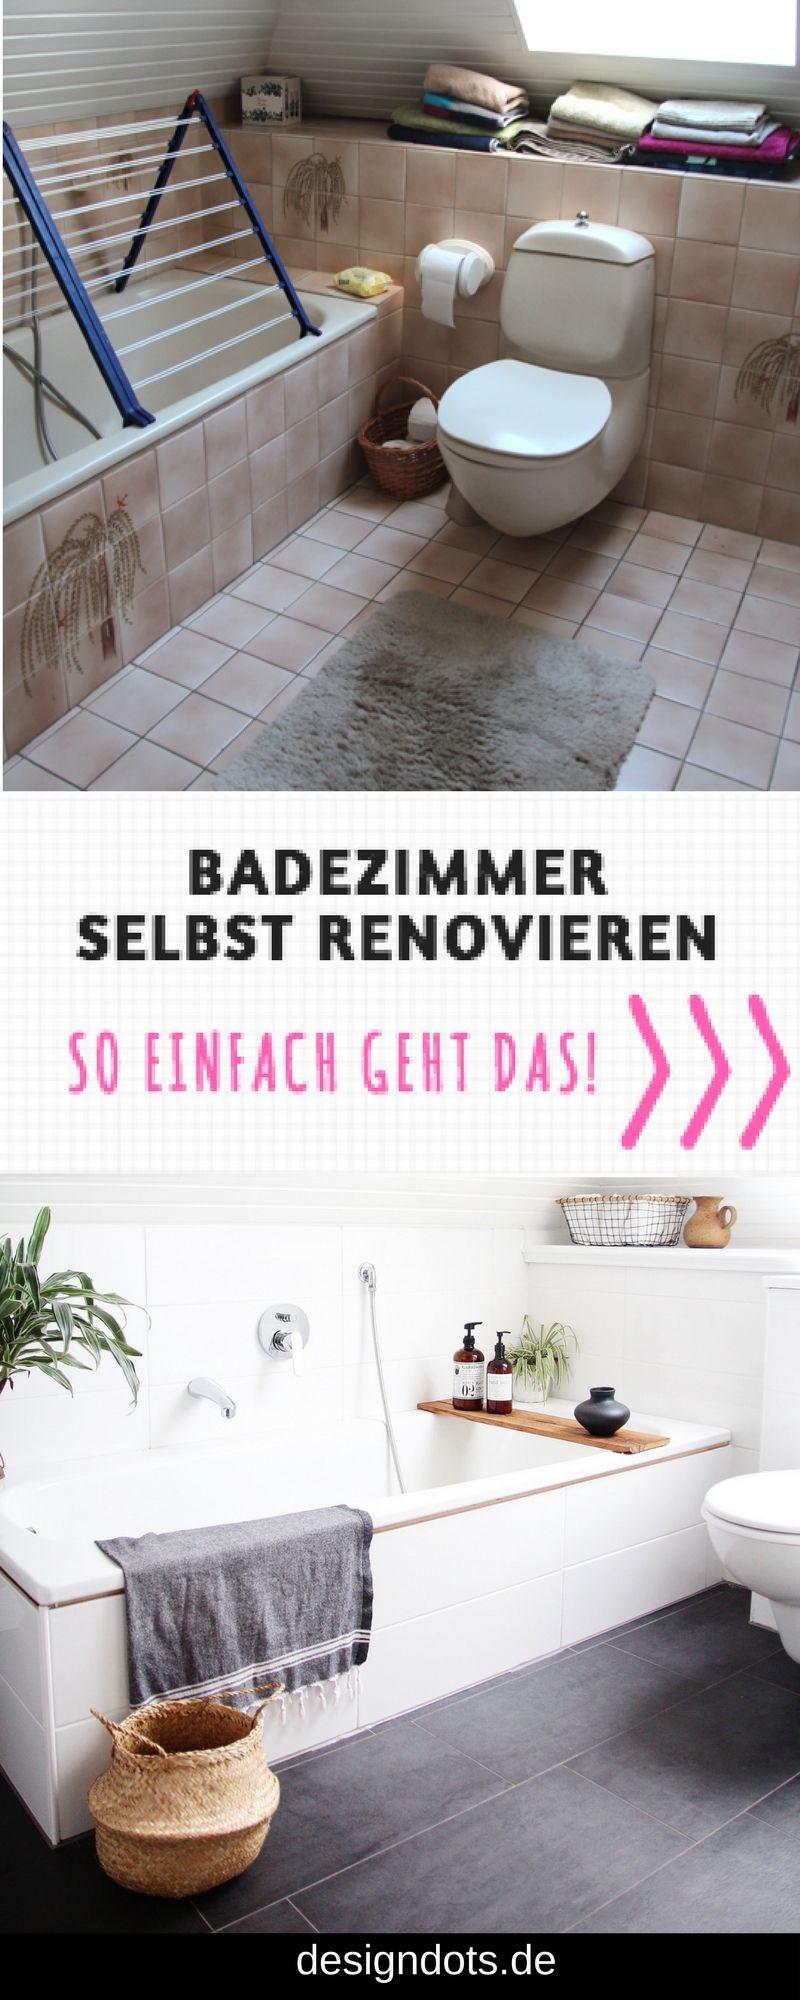 Badezimmer Selbst Renovieren Badezimmer Renovieren Bad Renovieren Kosten Bad Renovieren